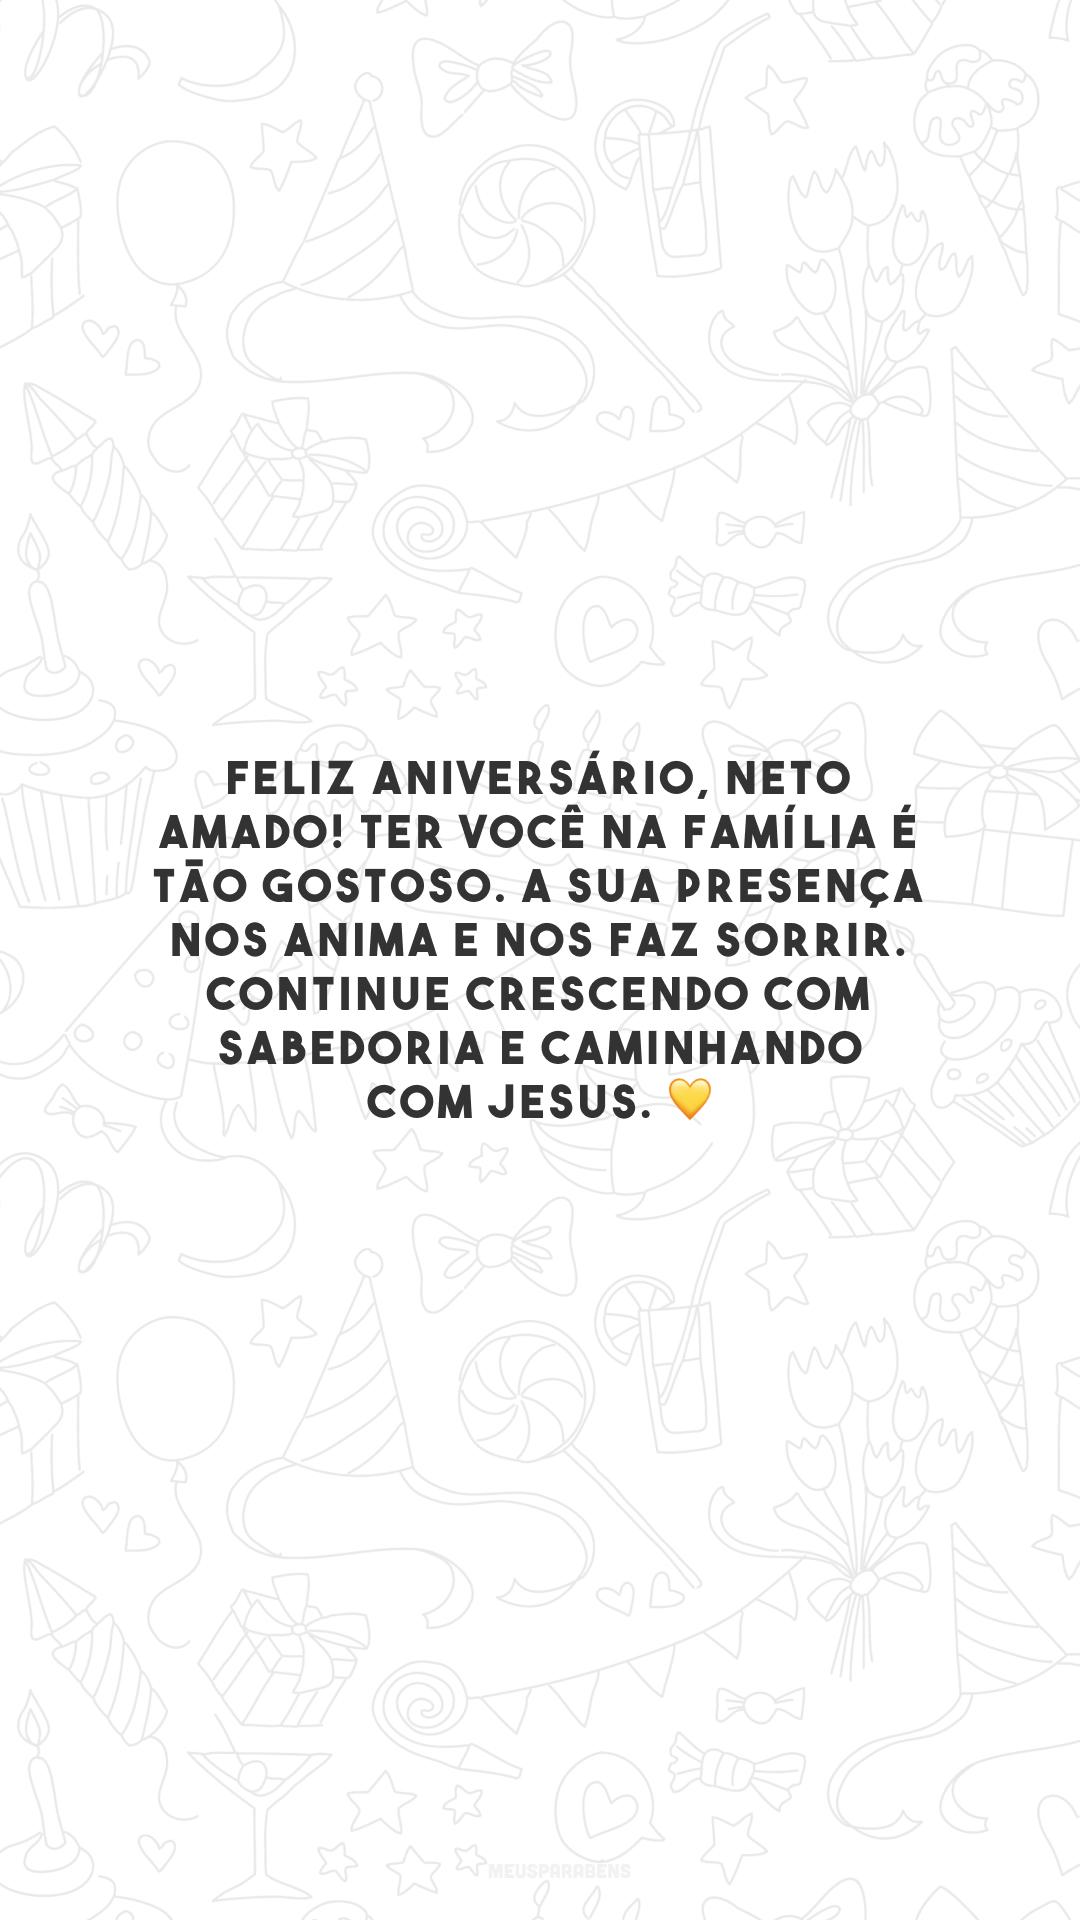 Feliz aniversário, neto amado! Ter você na família é tão gostoso. A sua presença nos anima e nos faz sorrir. Continue crescendo com sabedoria e caminhando com Jesus. 💛